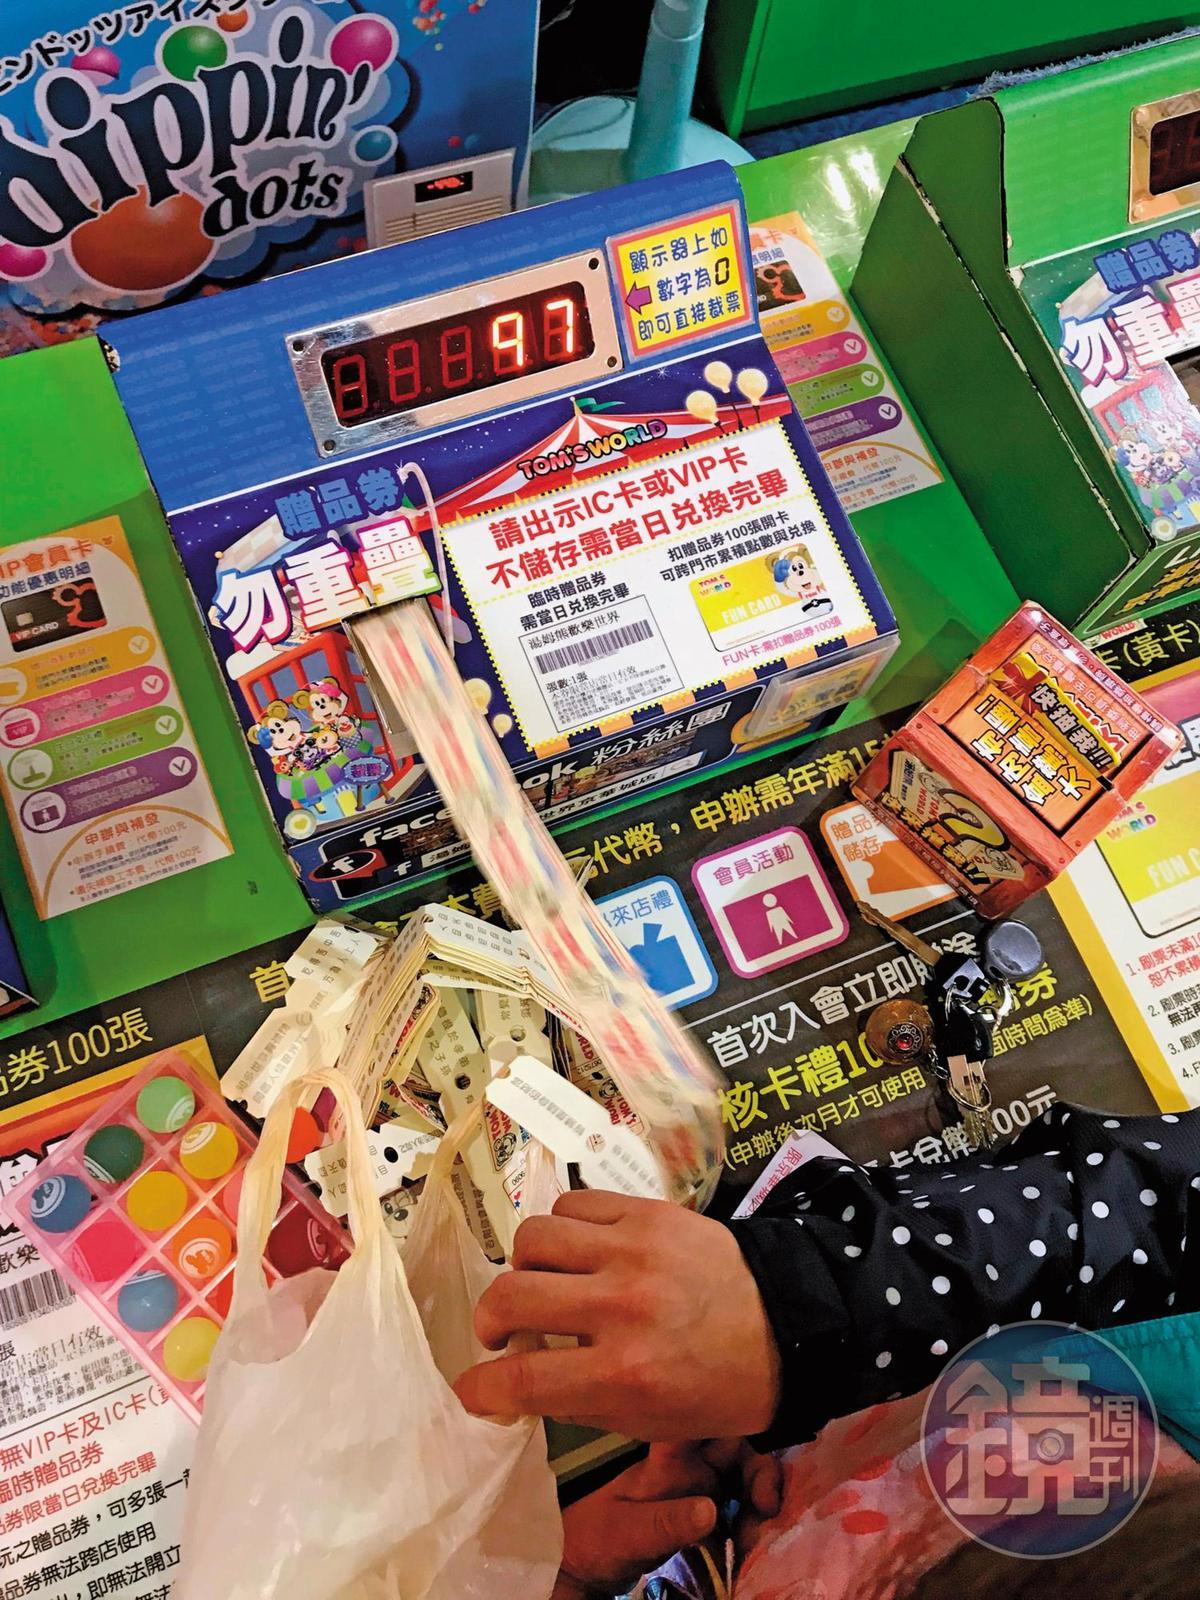 尚芳研發的彩票計算機單日可計算上百萬張彩票,成功賣進新加坡。